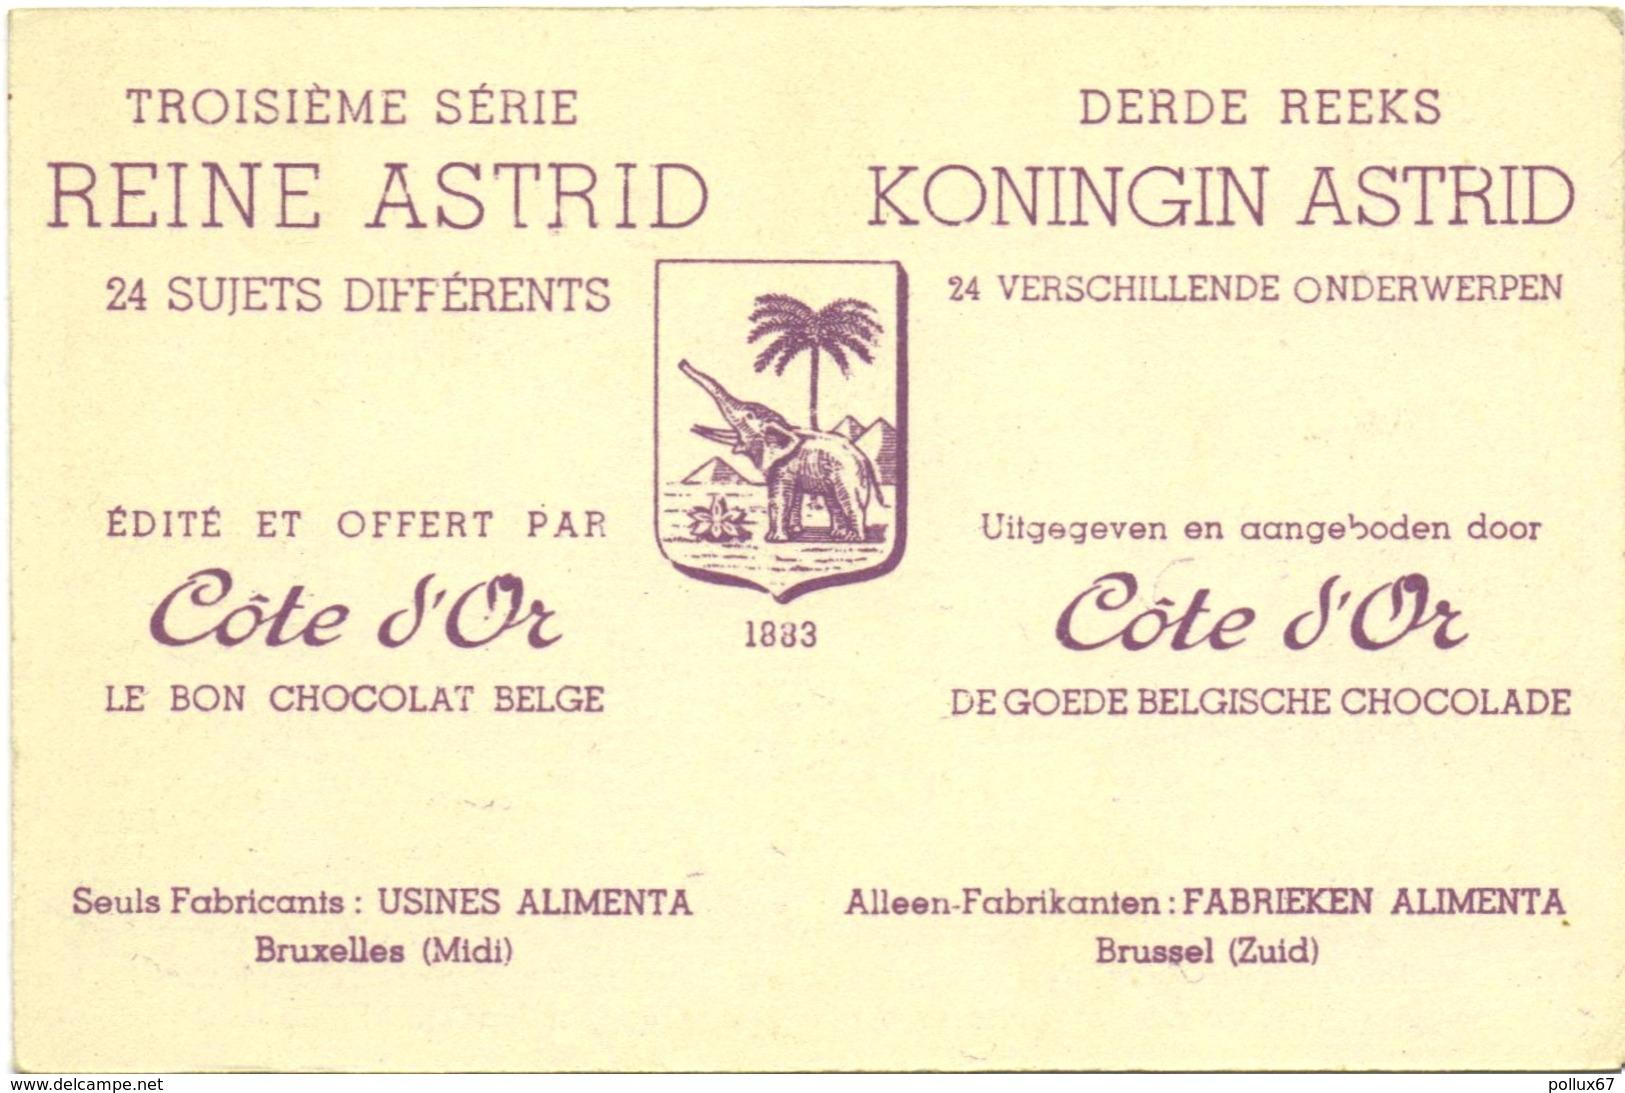 CARTE IMAGE PUBLICITAIRE CHOCOLAT CÔTE D'OR. TROISIEME SERIE : REINE ASTRID N° 12 - Cioccolato